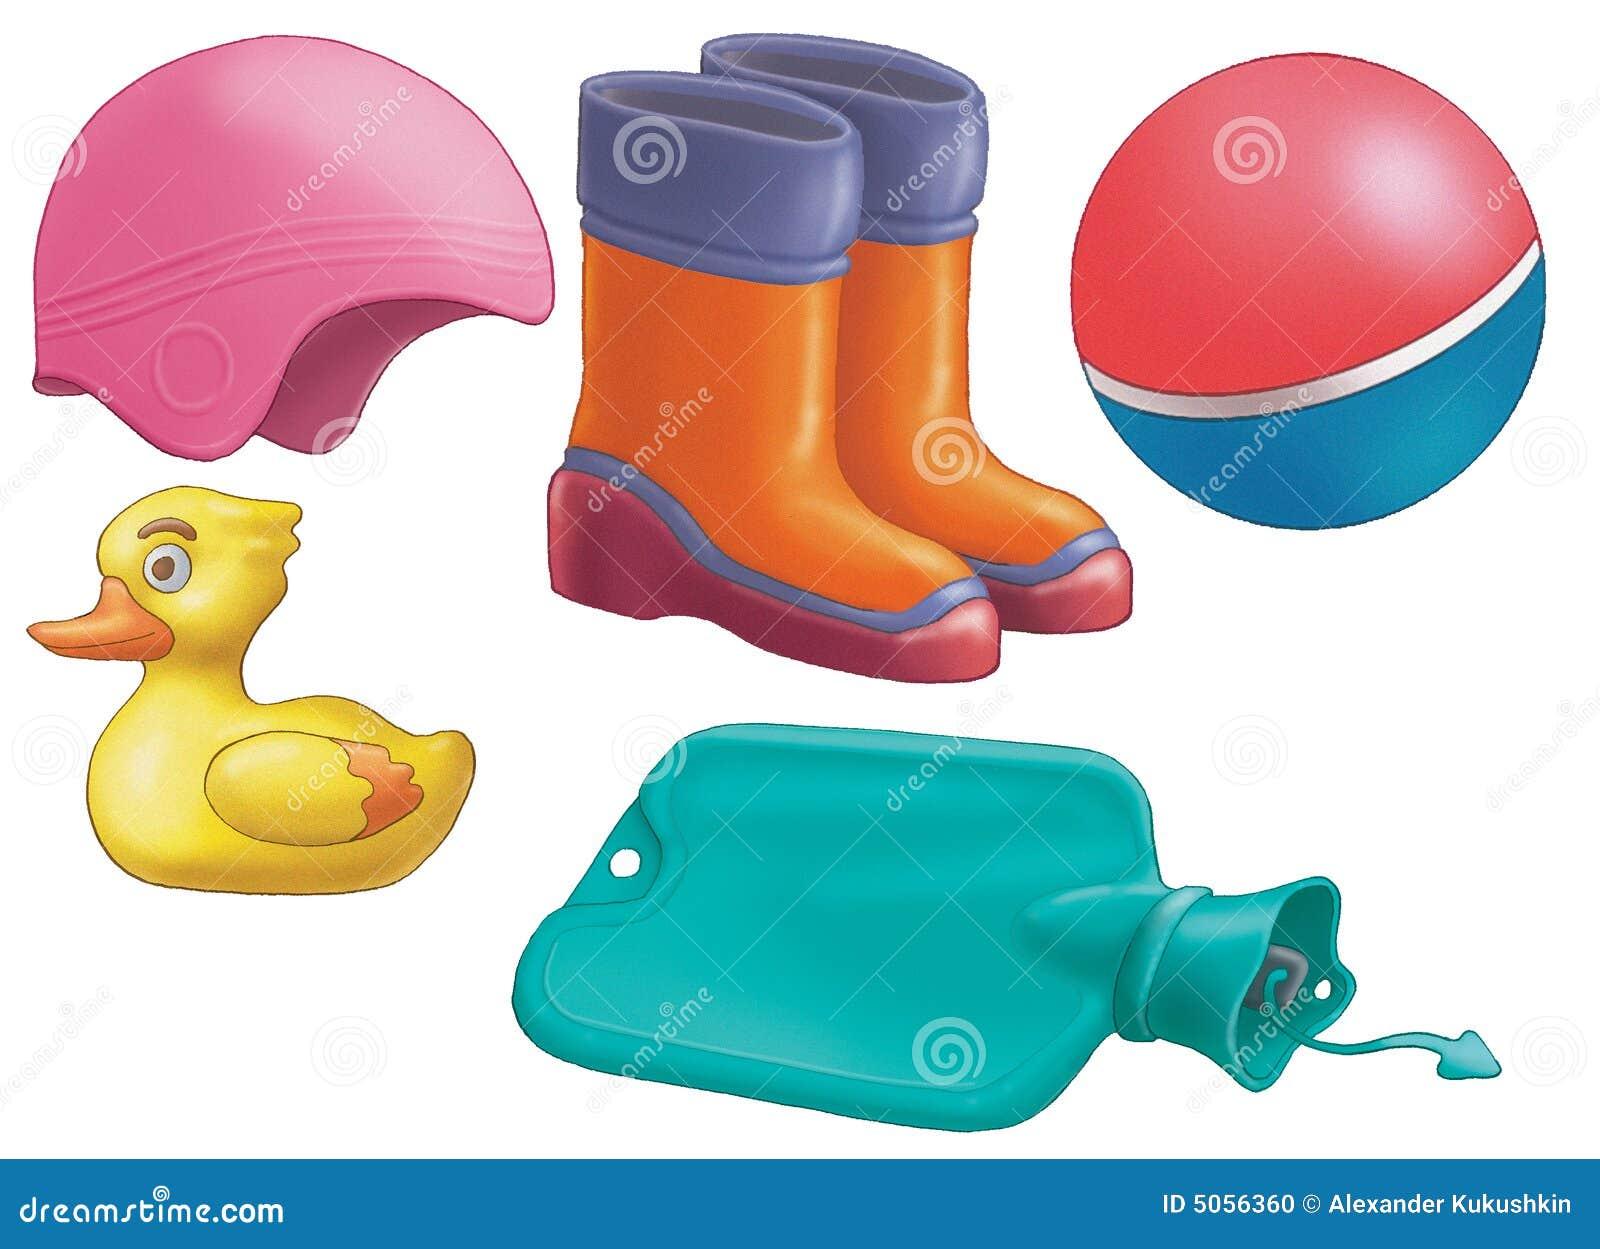 oggetti di gomma illustrazione di stock illustrazione di